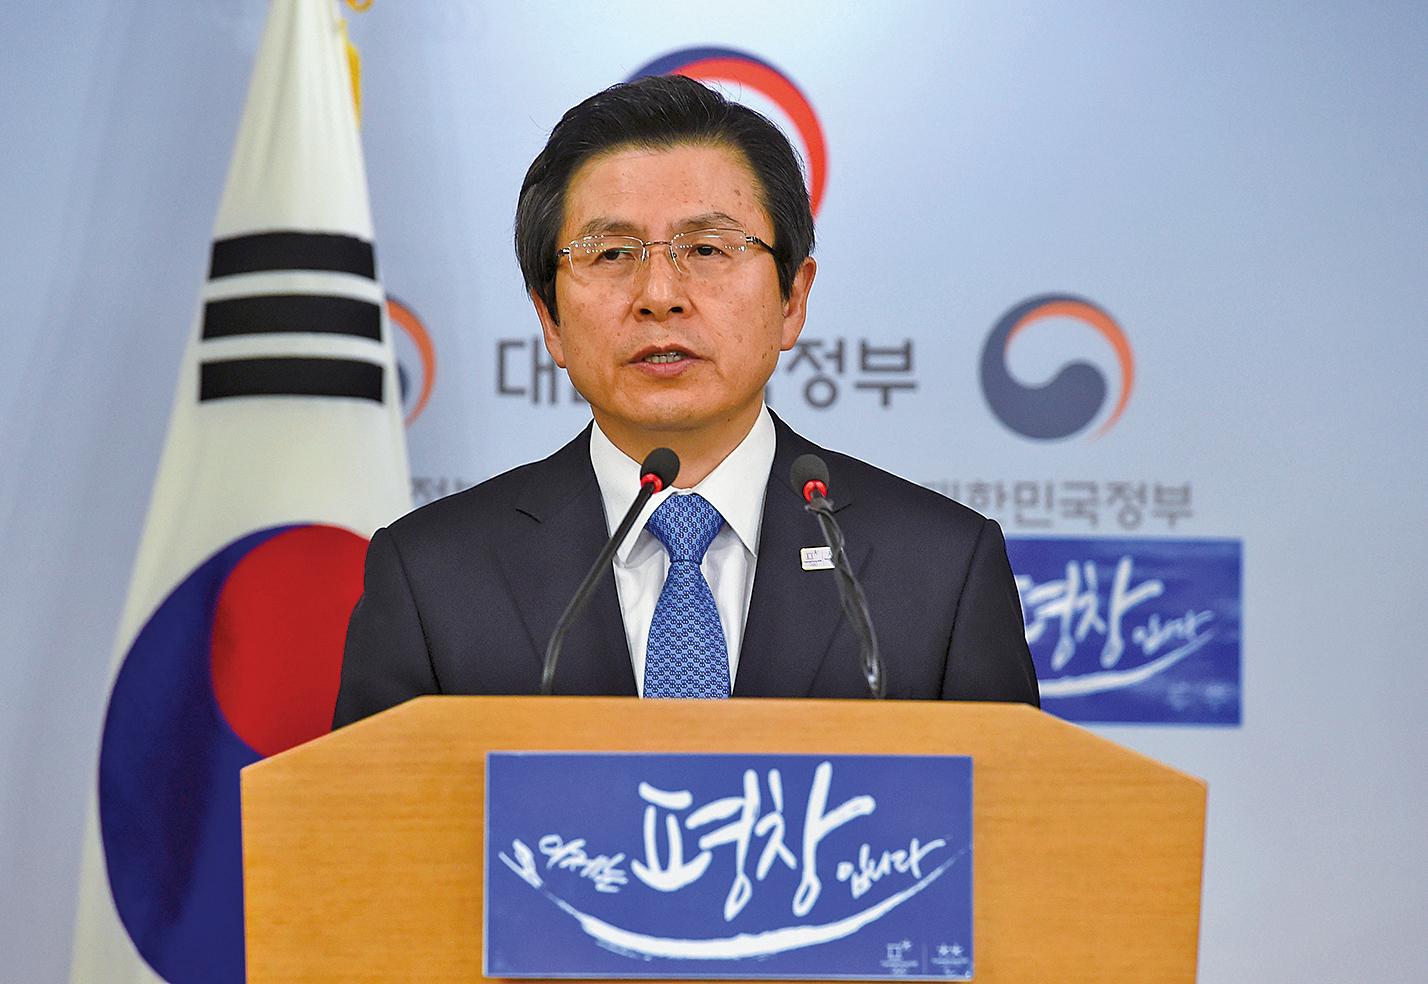 韓國代總統、國務總理黃教安15日召開國務會議,敲定5月9日舉行總統大選,同時宣佈自己不會參加競選。(AFP)